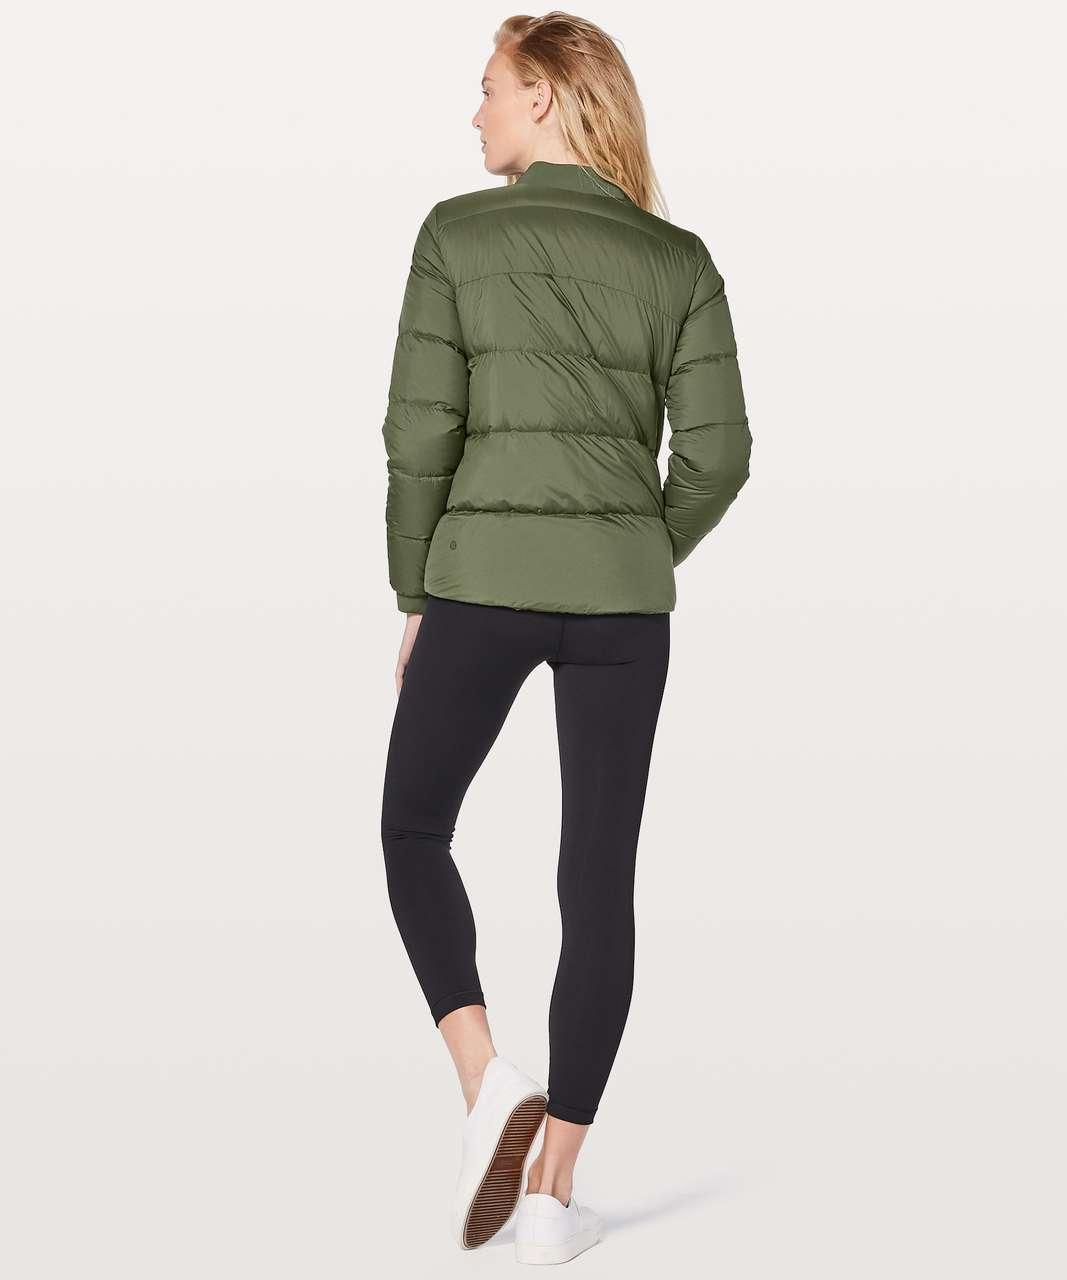 Lululemon Weightless Wunder Jacket - Pesto